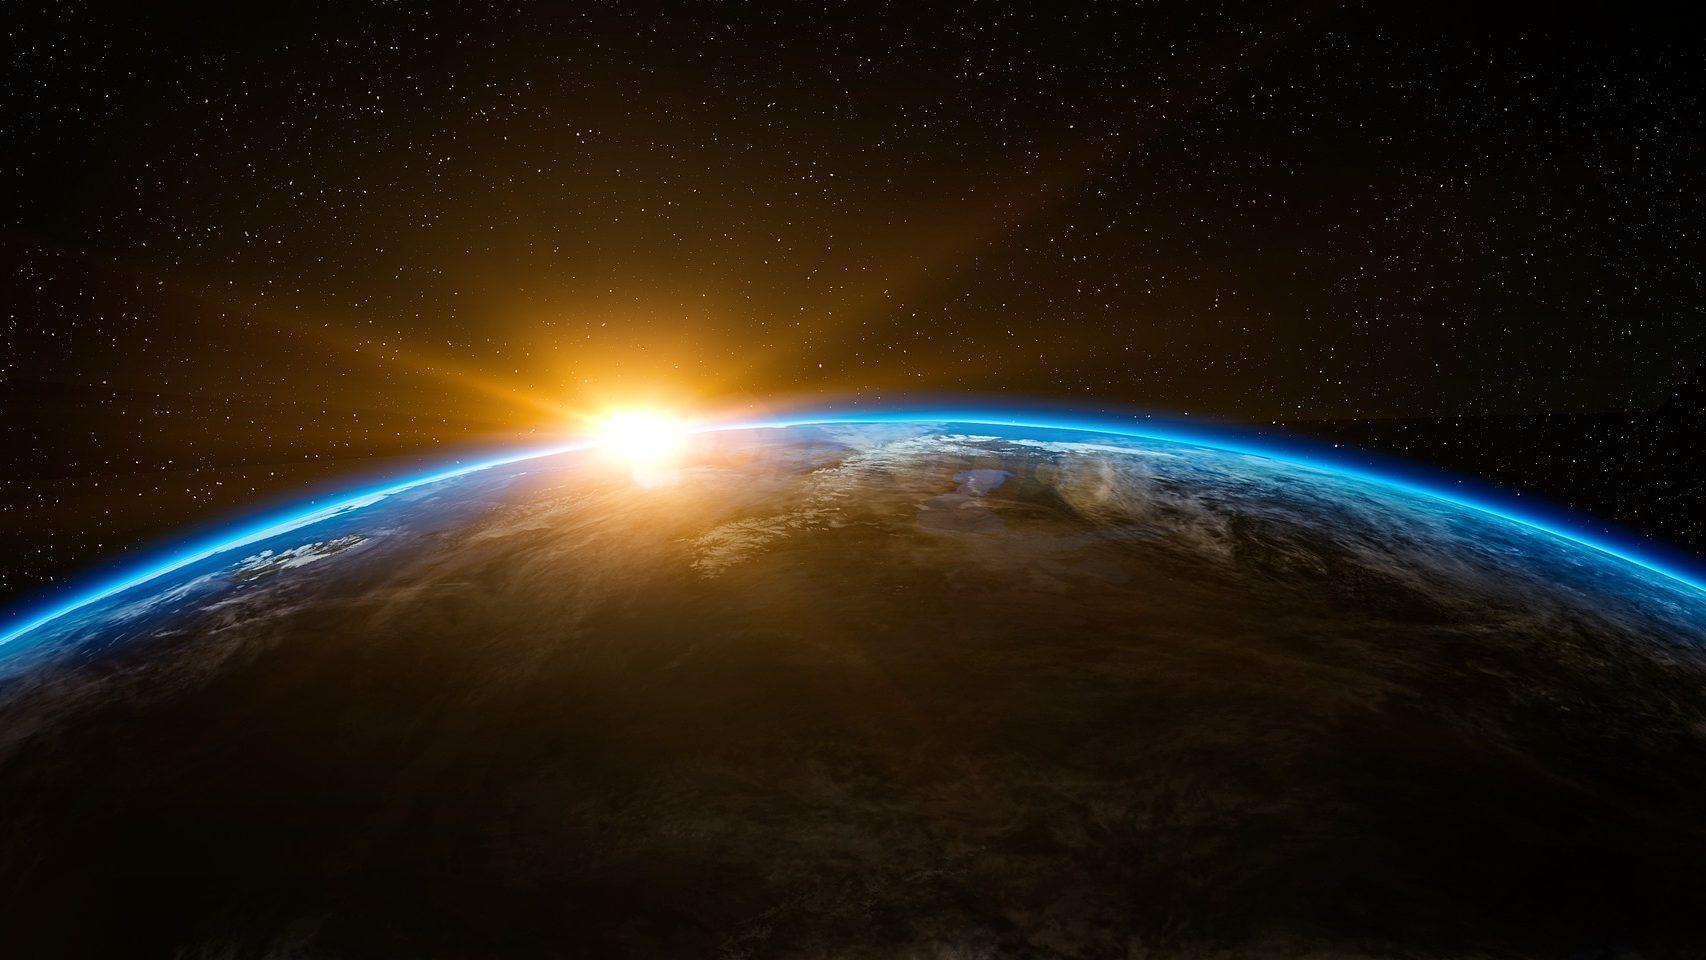 Científicos aseguran que la Tierra cambió hace 42.000 años al invertir los polos magnéticos